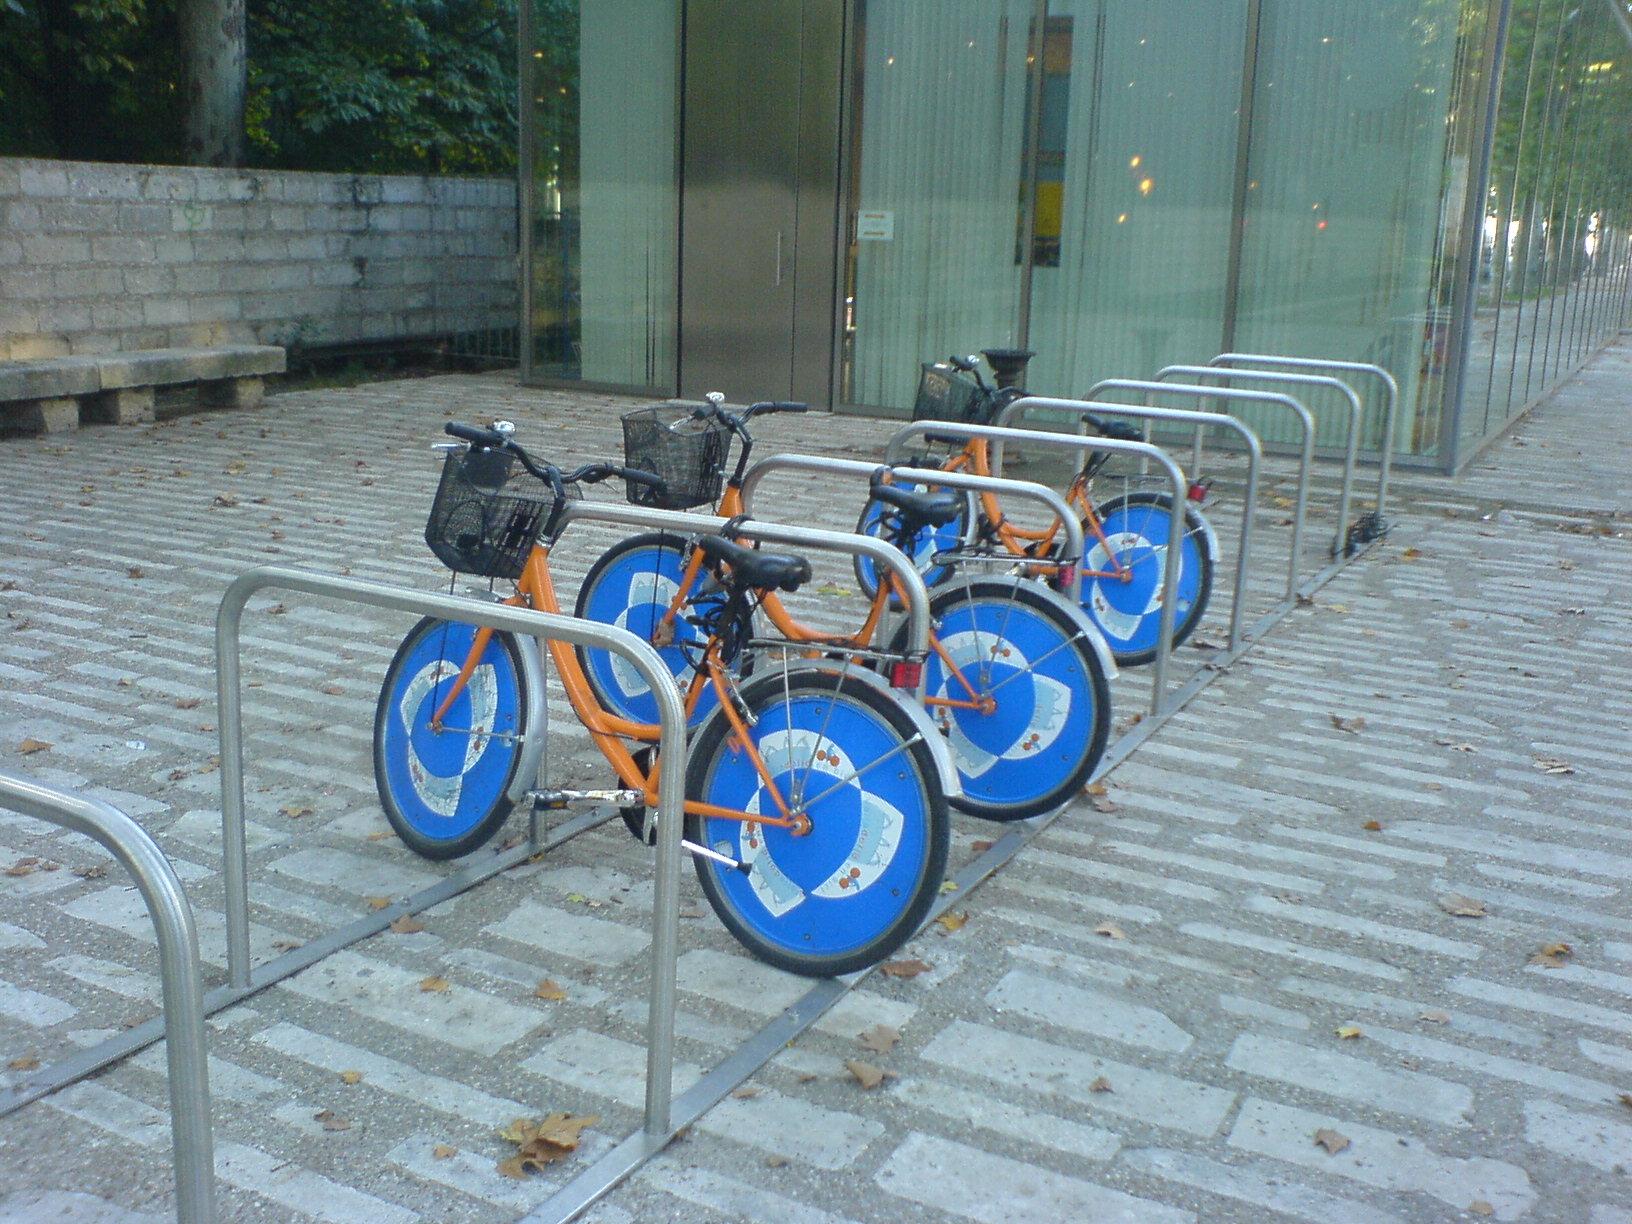 Las bicicletas públicas